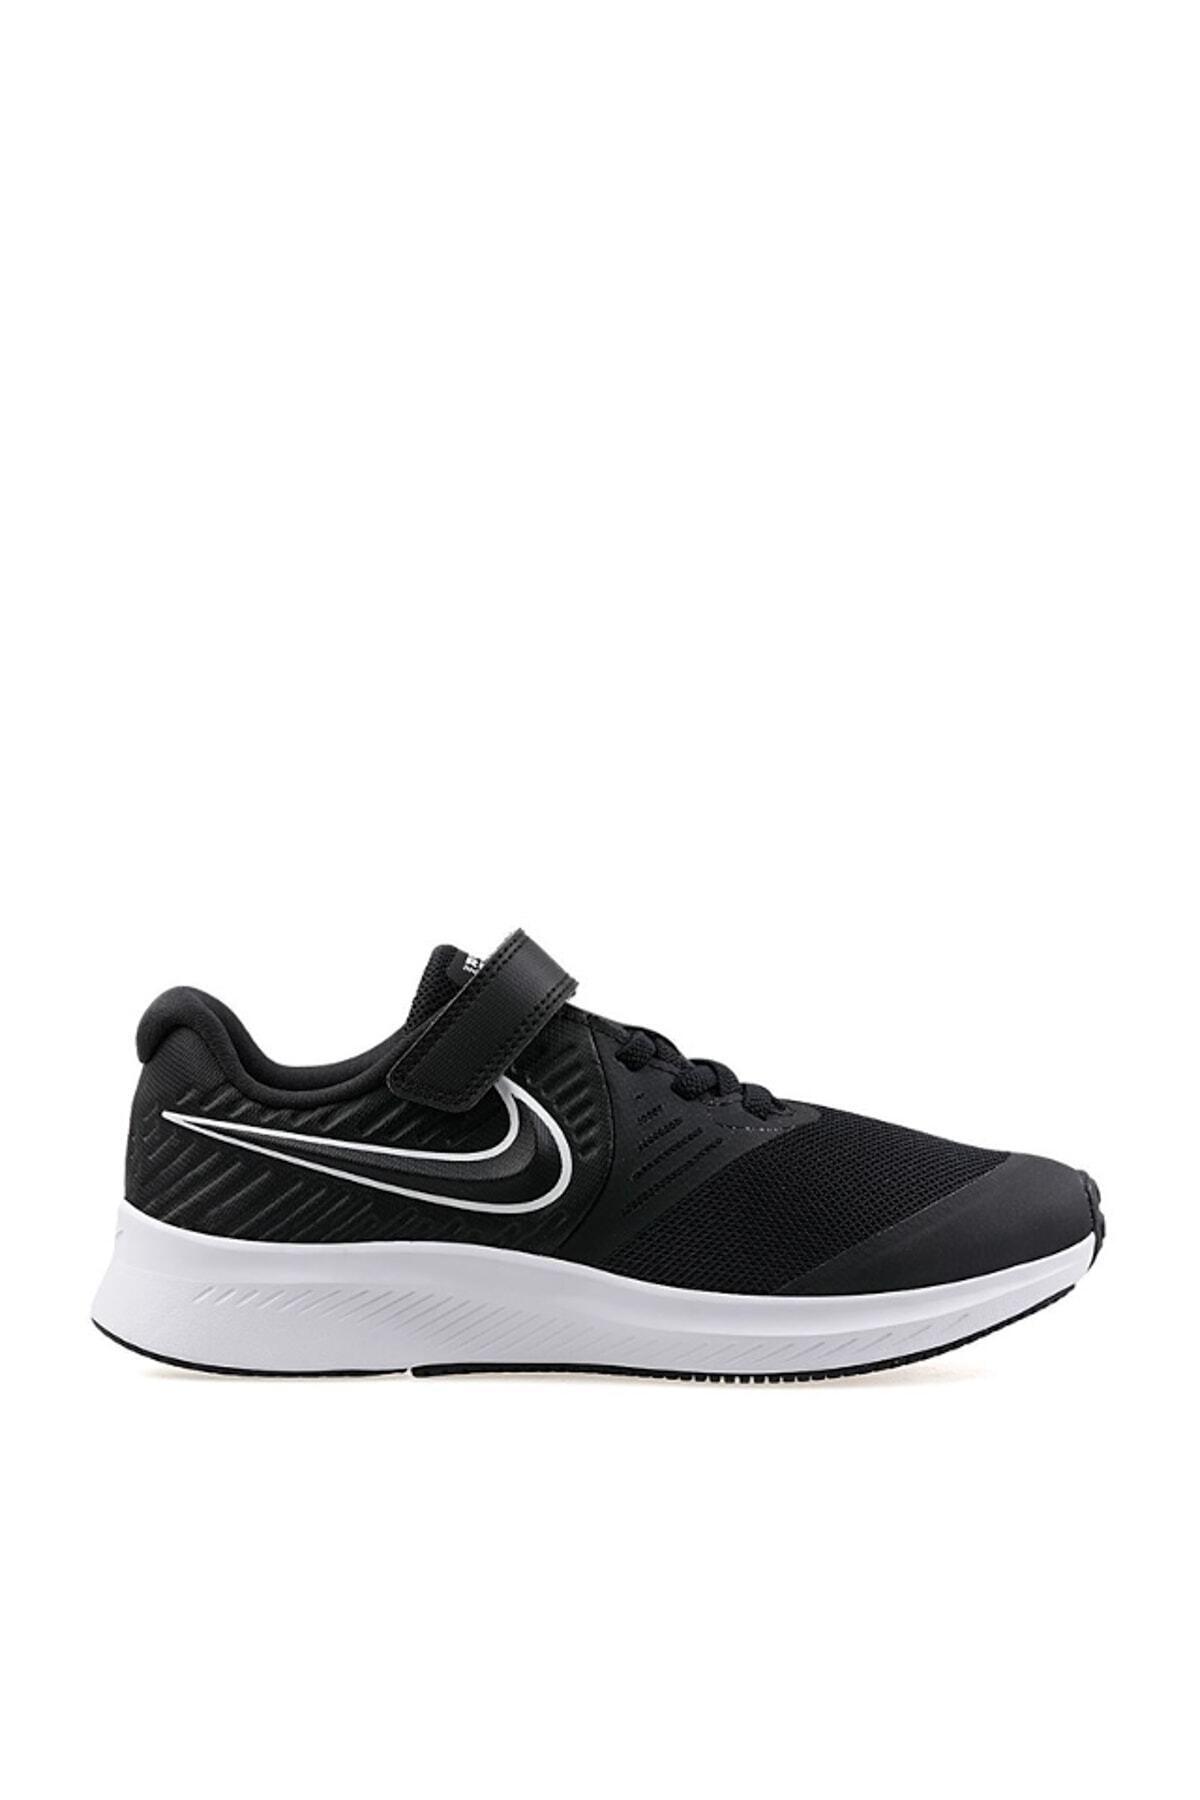 Nike Kids Star Runner 2 (Tdv) Çocuk Yürüyüş Koşu Ayakkabı 2